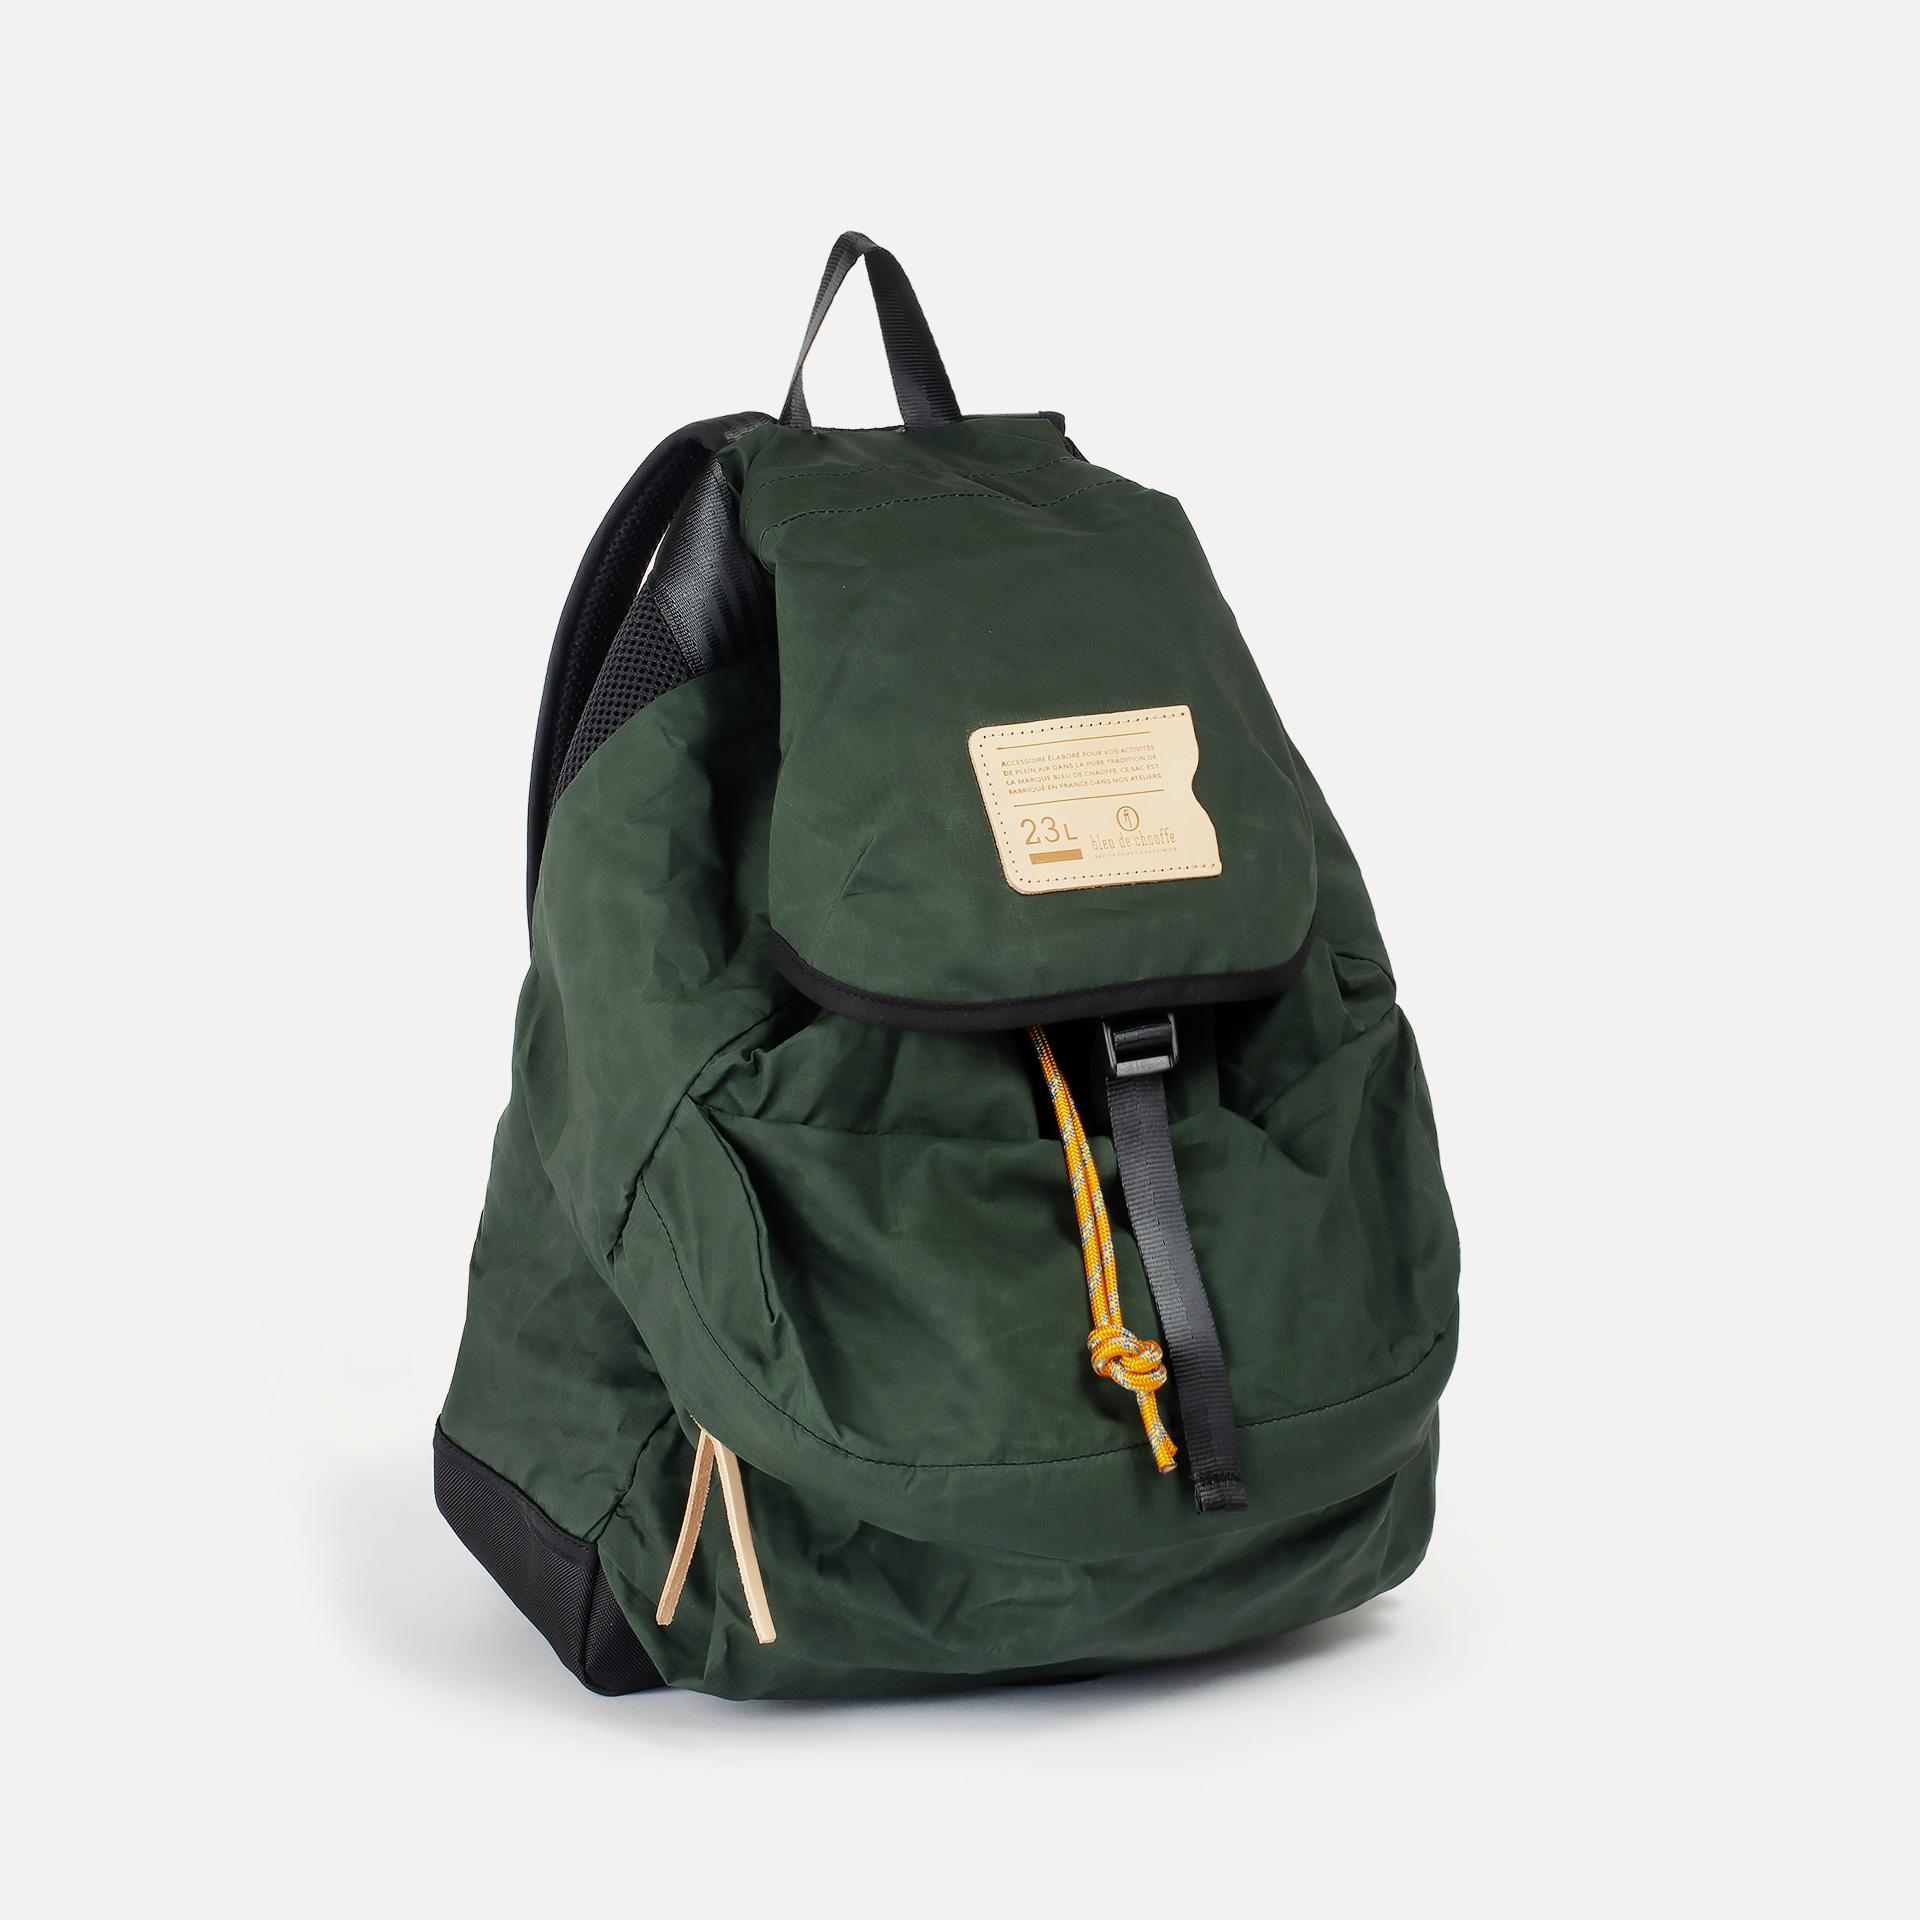 23L Bayou Backpack - Dark Khaki (image n°2)